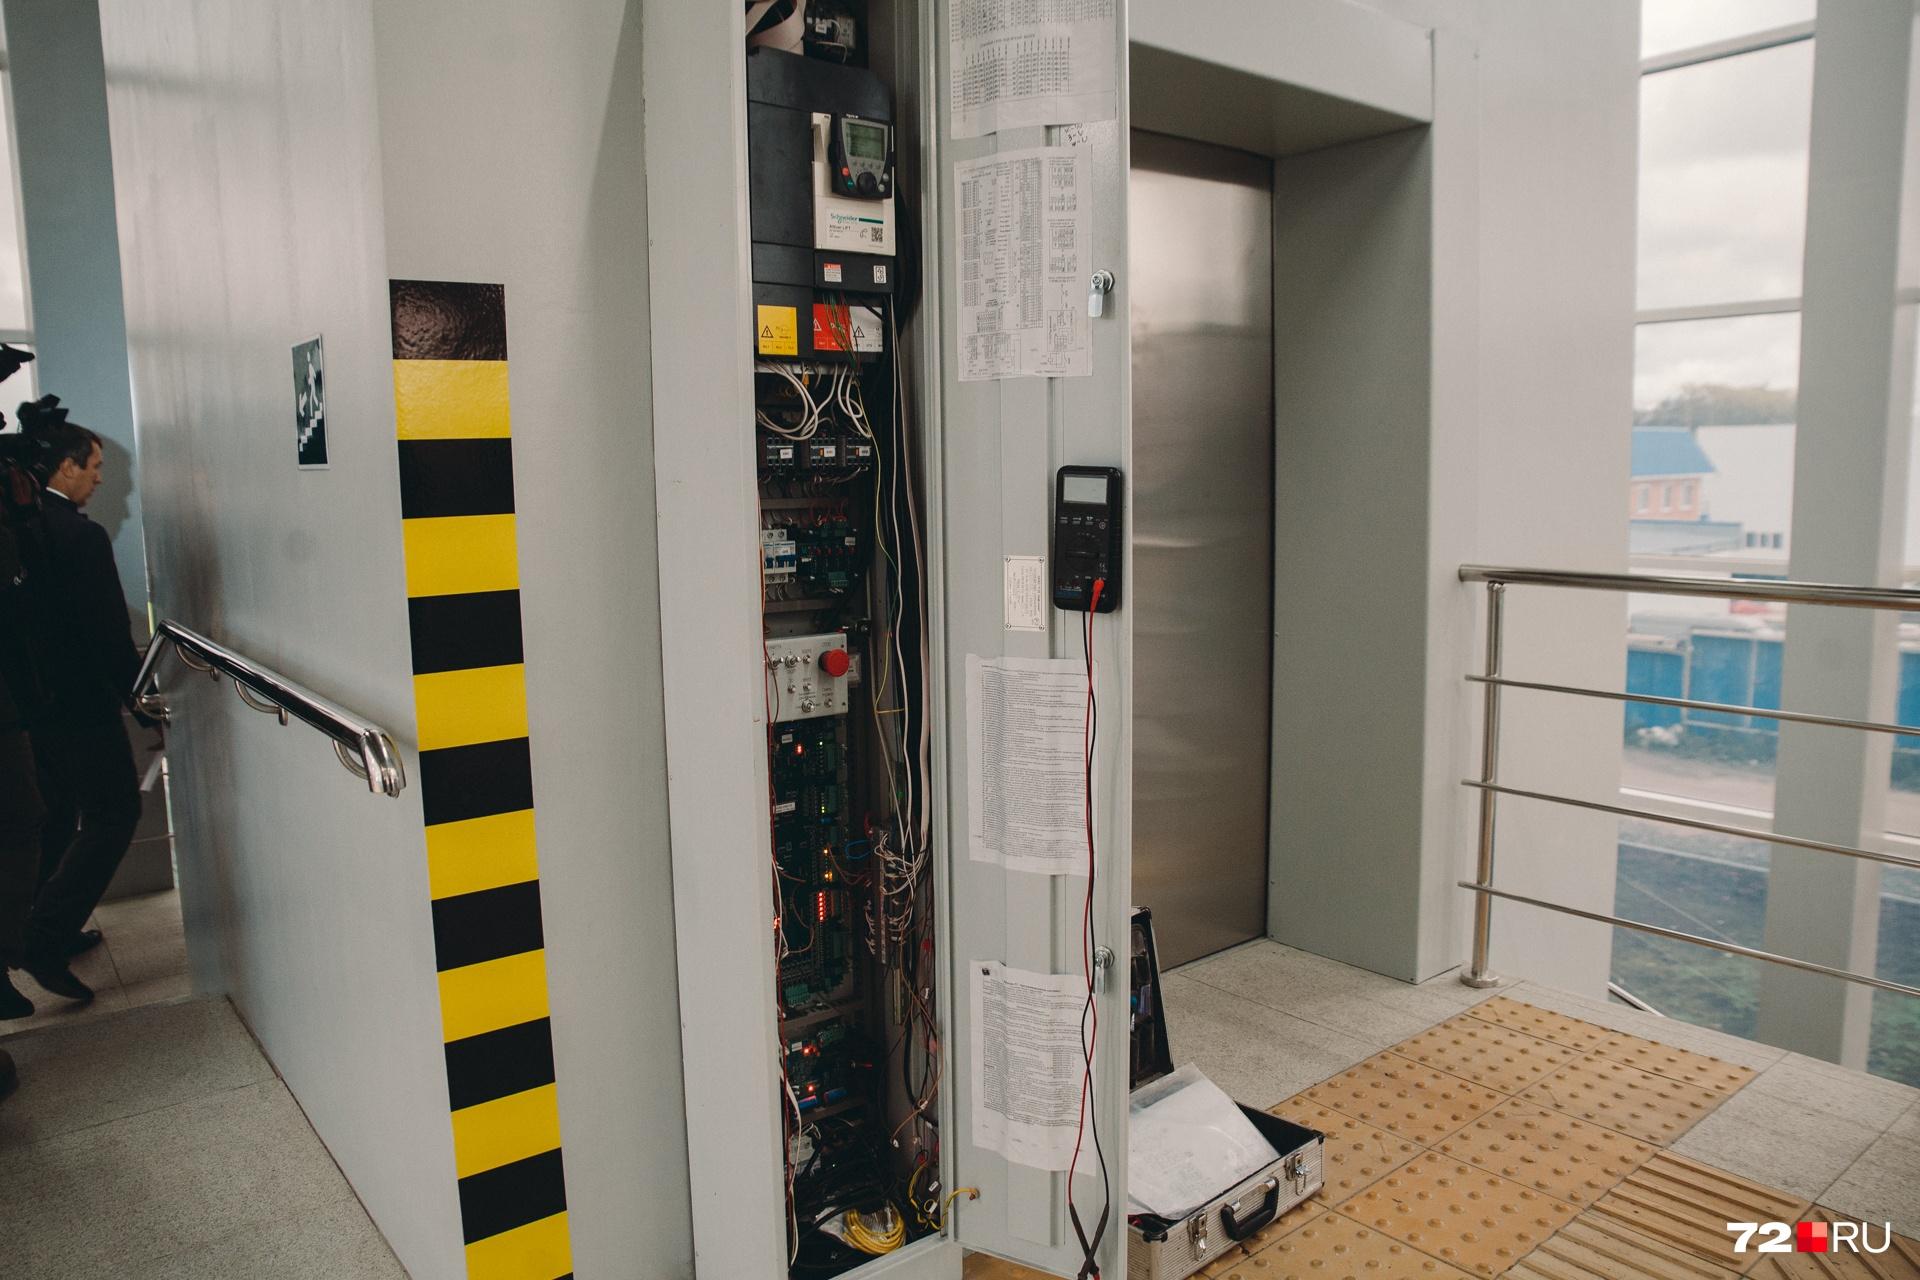 Лифты в надземном переходе уже должны работать исправно, уверяет Николай Руссу